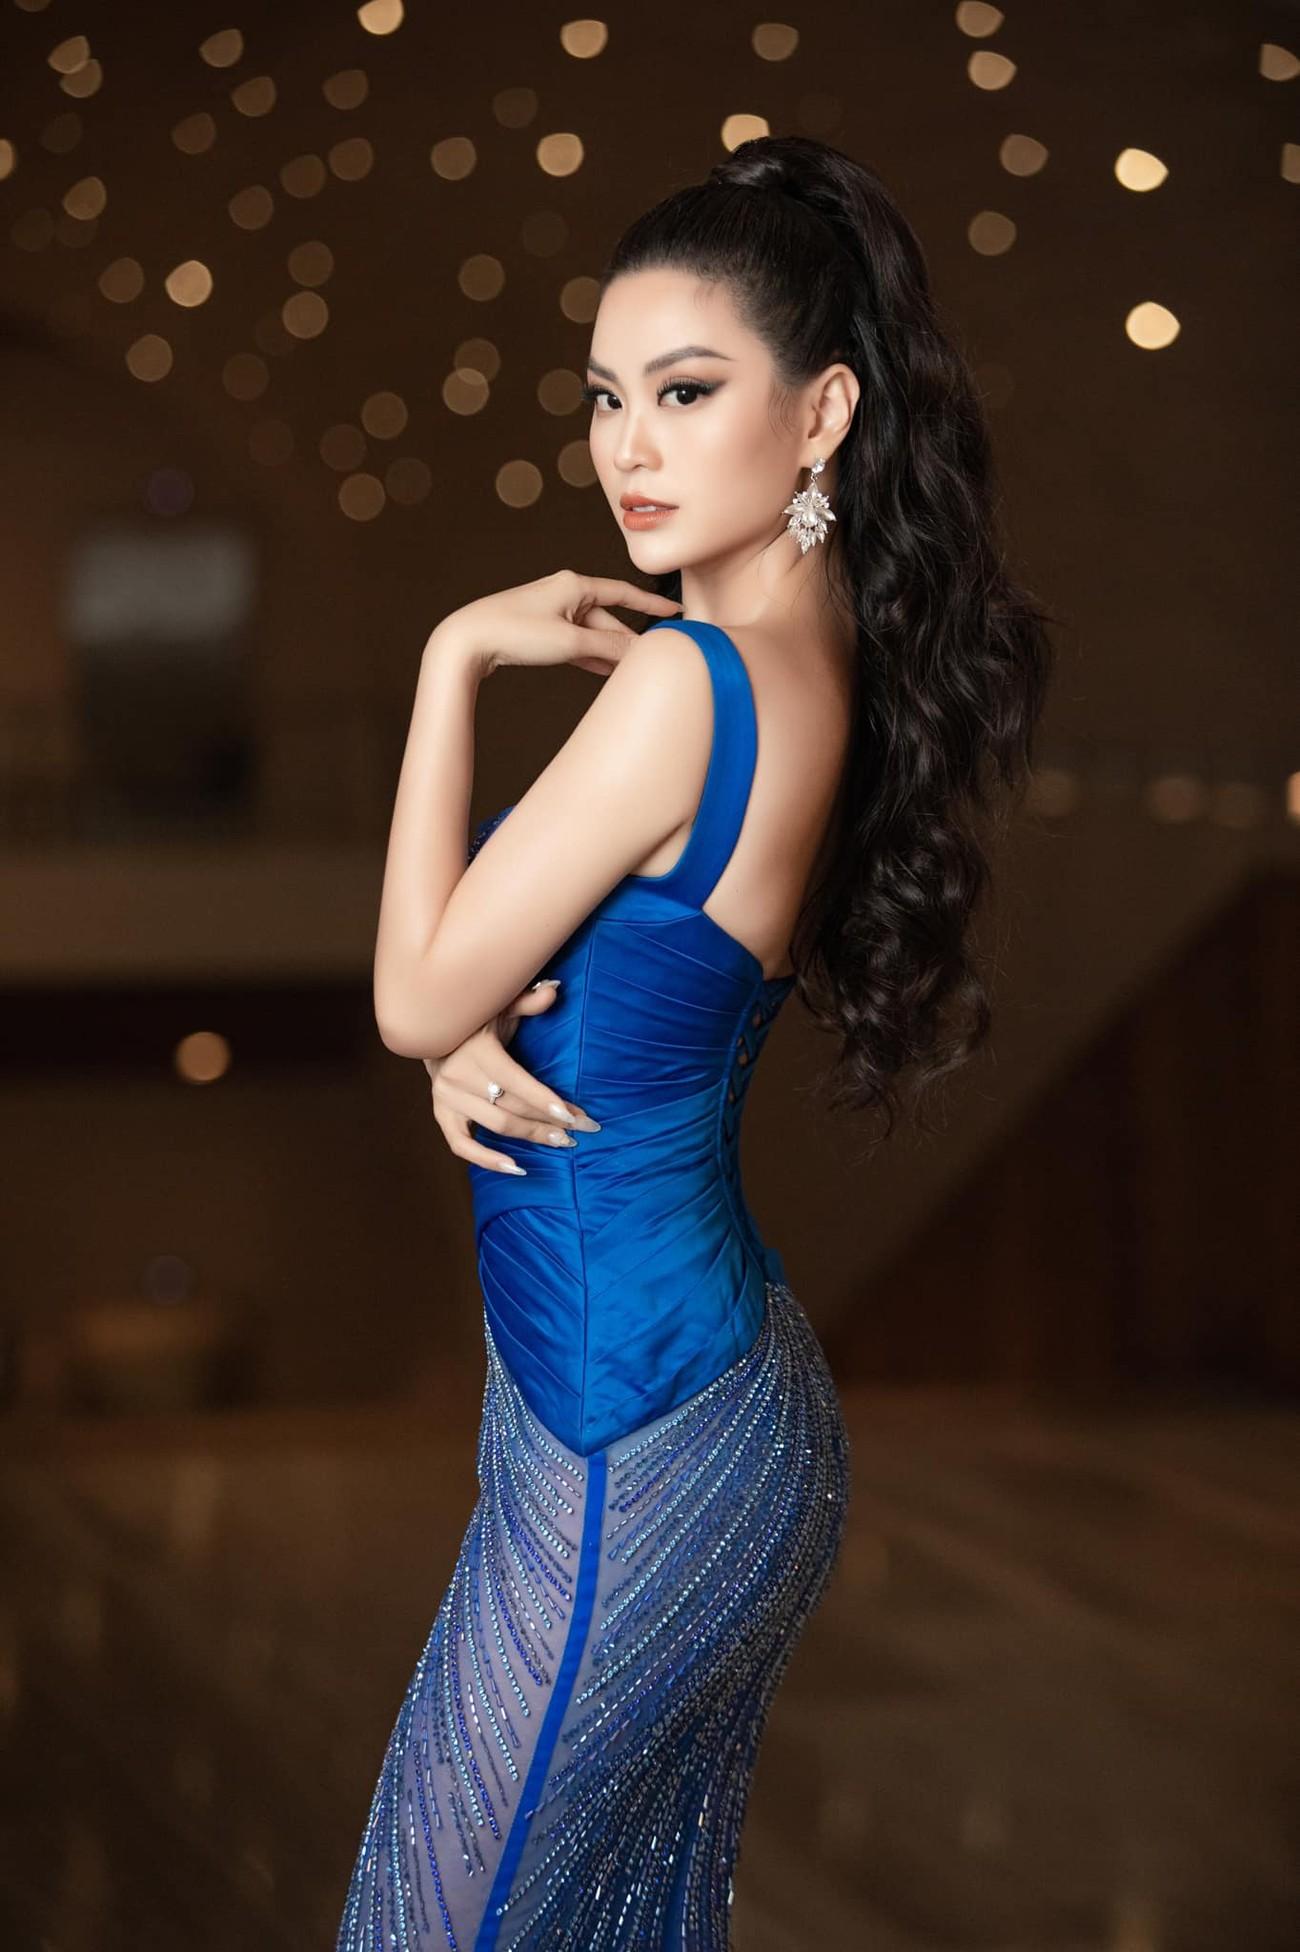 Minh Tú mặc váy xẻ ngực nóng bỏng, Hoàng Thuỳ khoe chân dài 'bất tận' ảnh 9